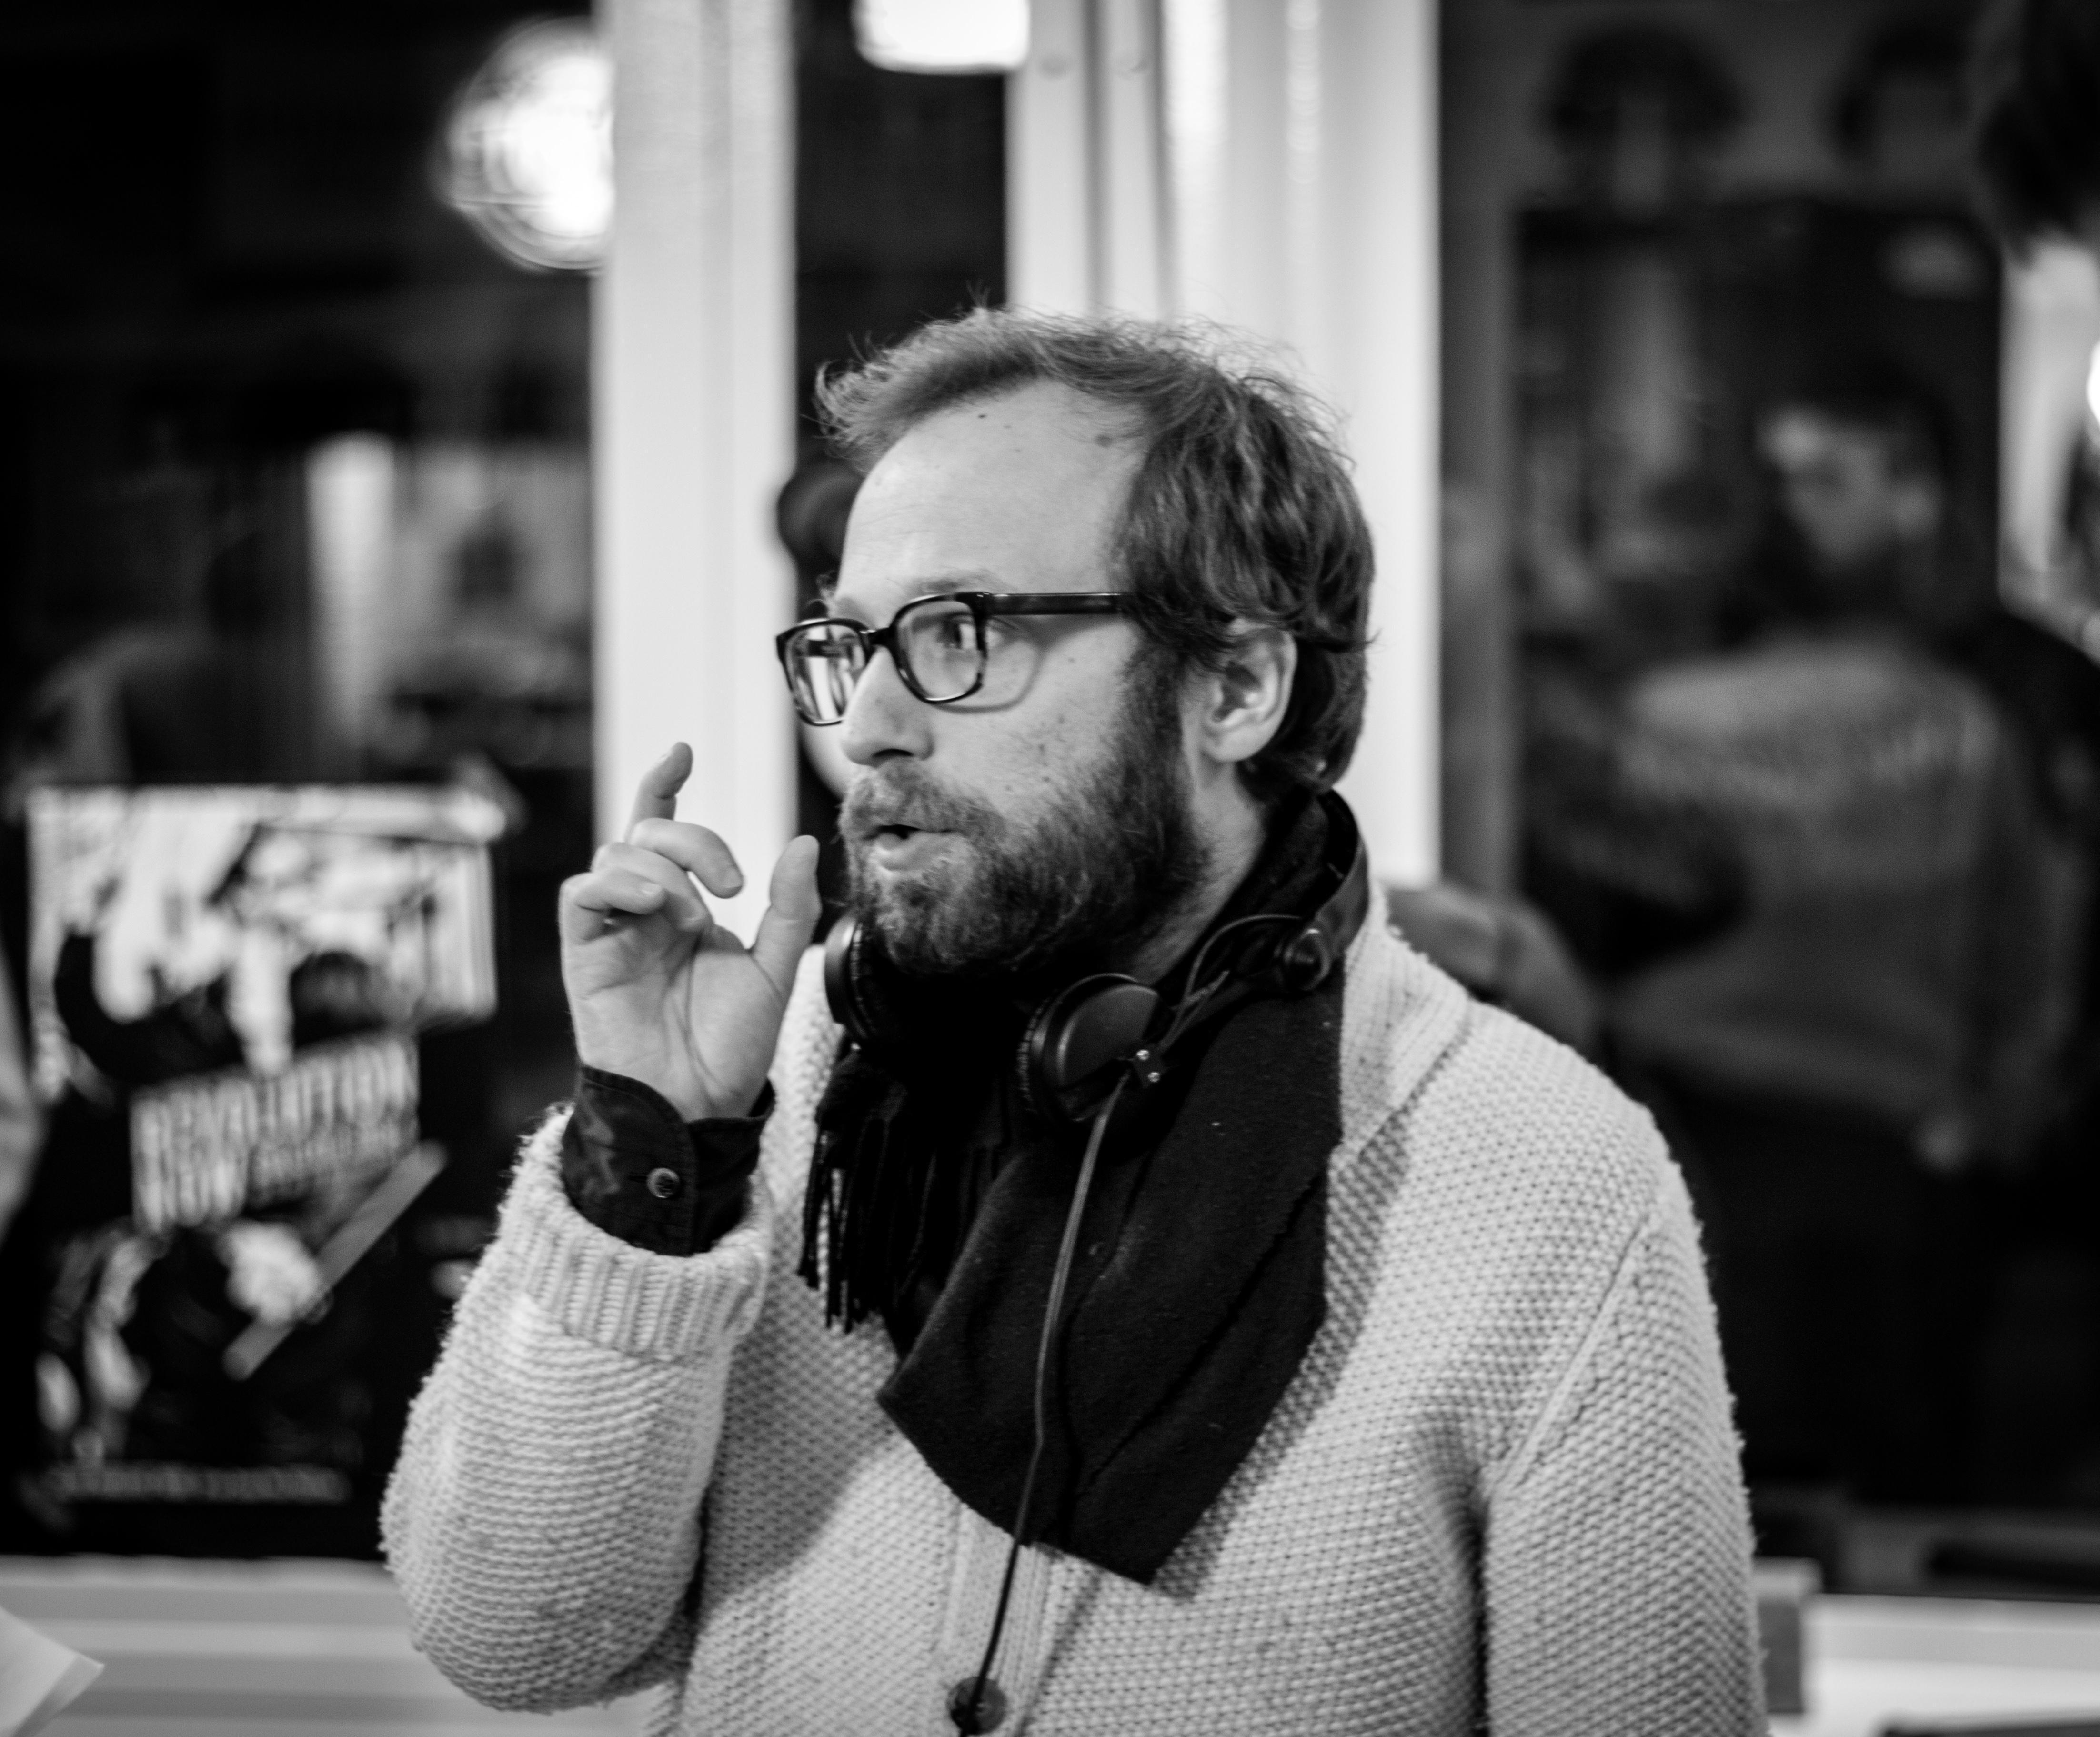 Nicolas Pariser sur le tournage de son film Le Grand Jeu © Bertrand Noël